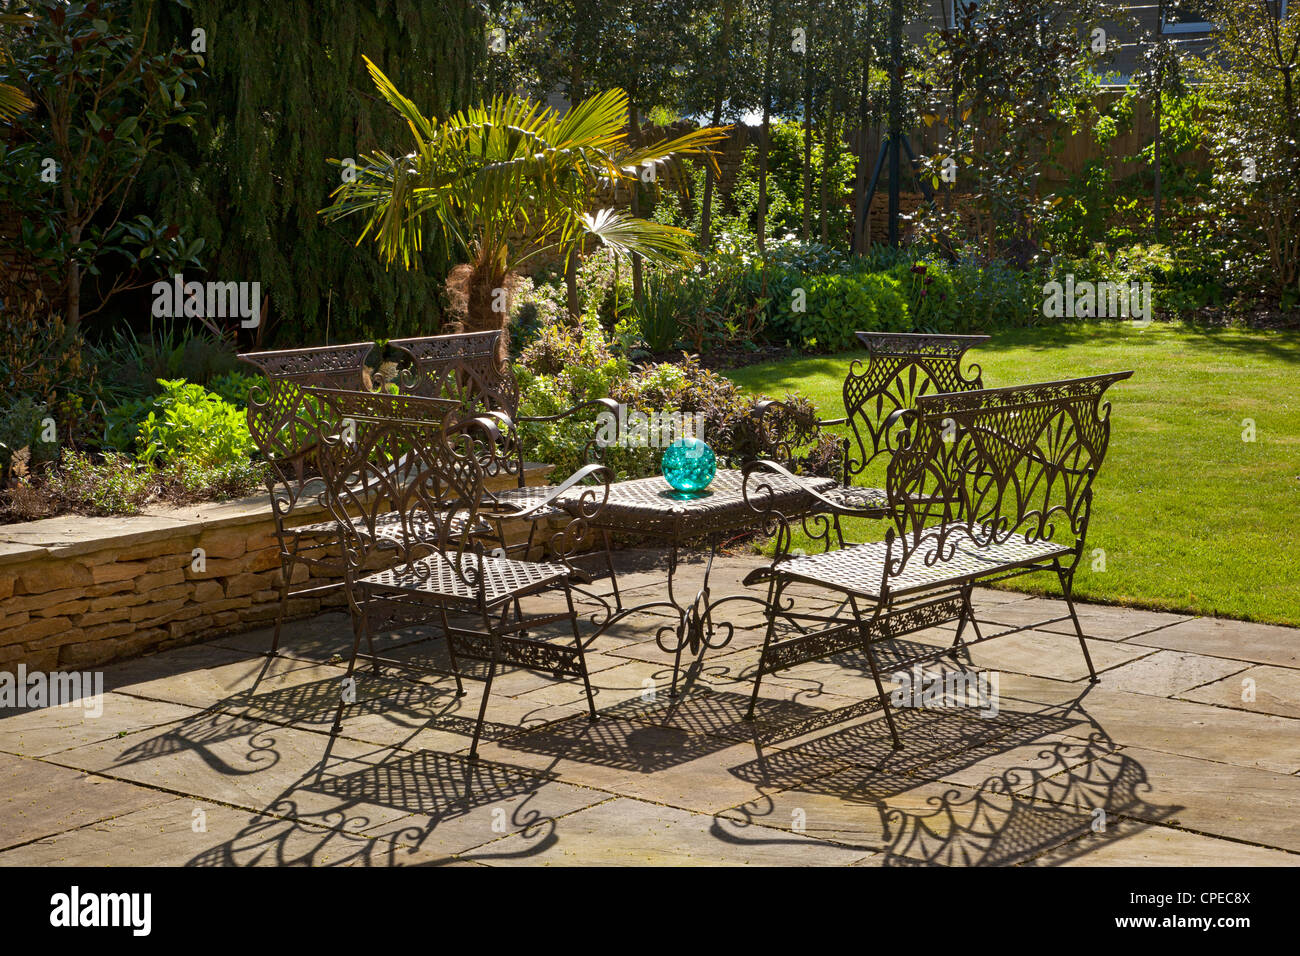 French style metal table et chaises meubles sur patio en pierre dans le jardin d'été Photo Stock